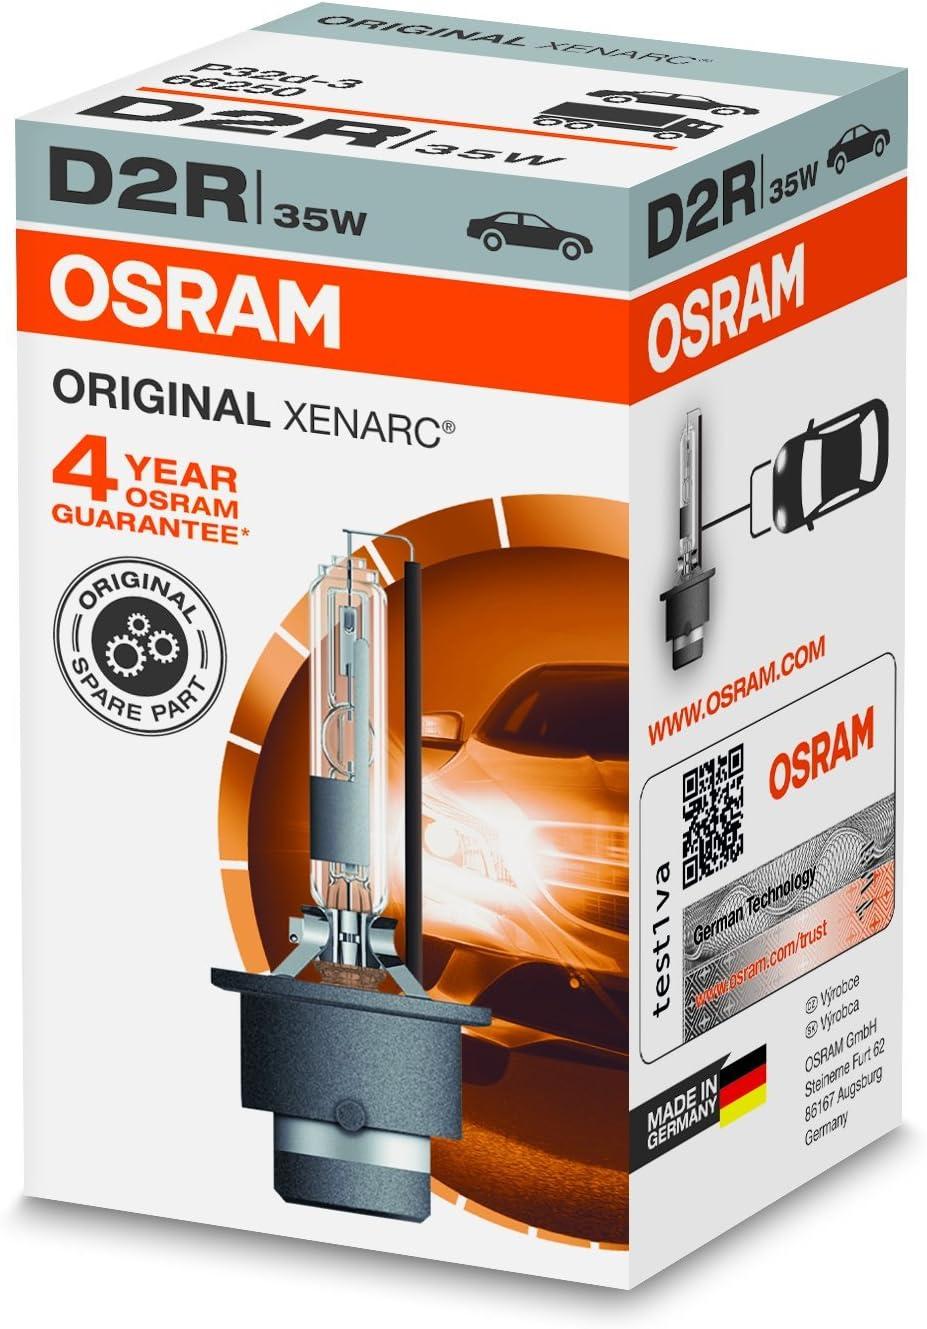 OSRAM XENARC ORIGINAL D2R HID, lámpara de xenón, lámpara de descarga, calidad de equipamiento original (OEM), 66250, estuche (1 unidad)